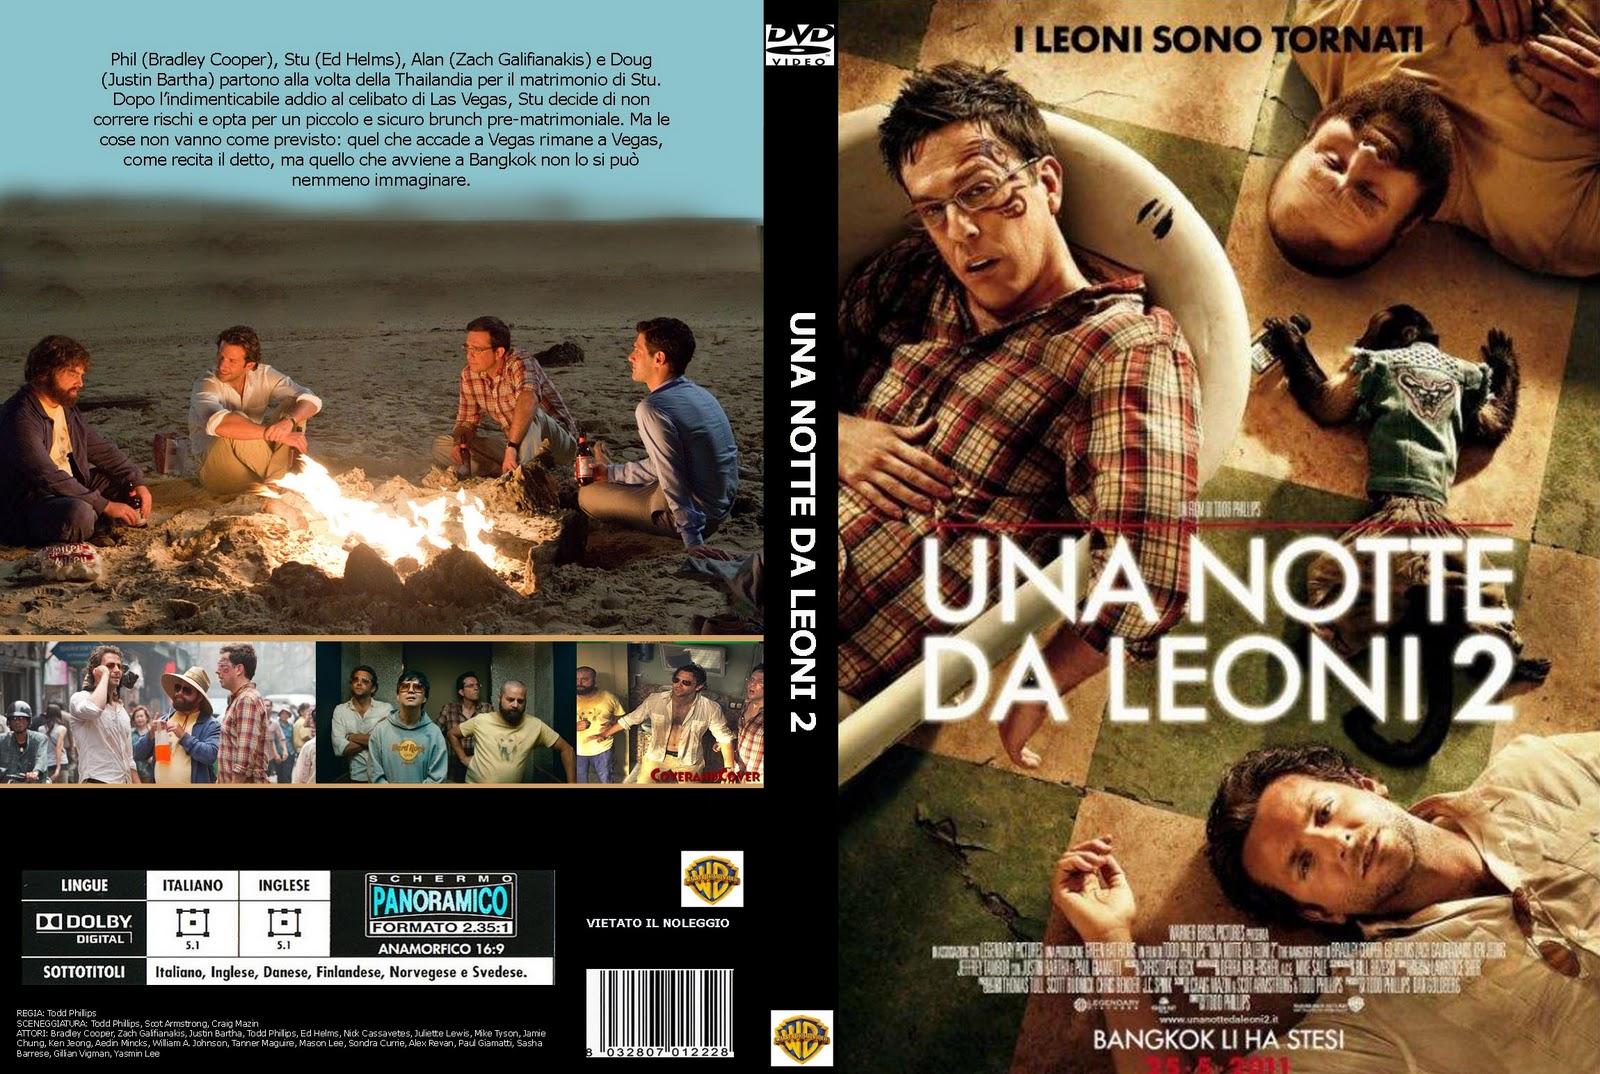 http://2.bp.blogspot.com/-rqSjUUcEHzU/TumES6ve8FI/AAAAAAAAAew/zLepuIb9XdU/s1600/Una-notte-da-leoni-2-Custom-ITA-Cover-dvd.jpg